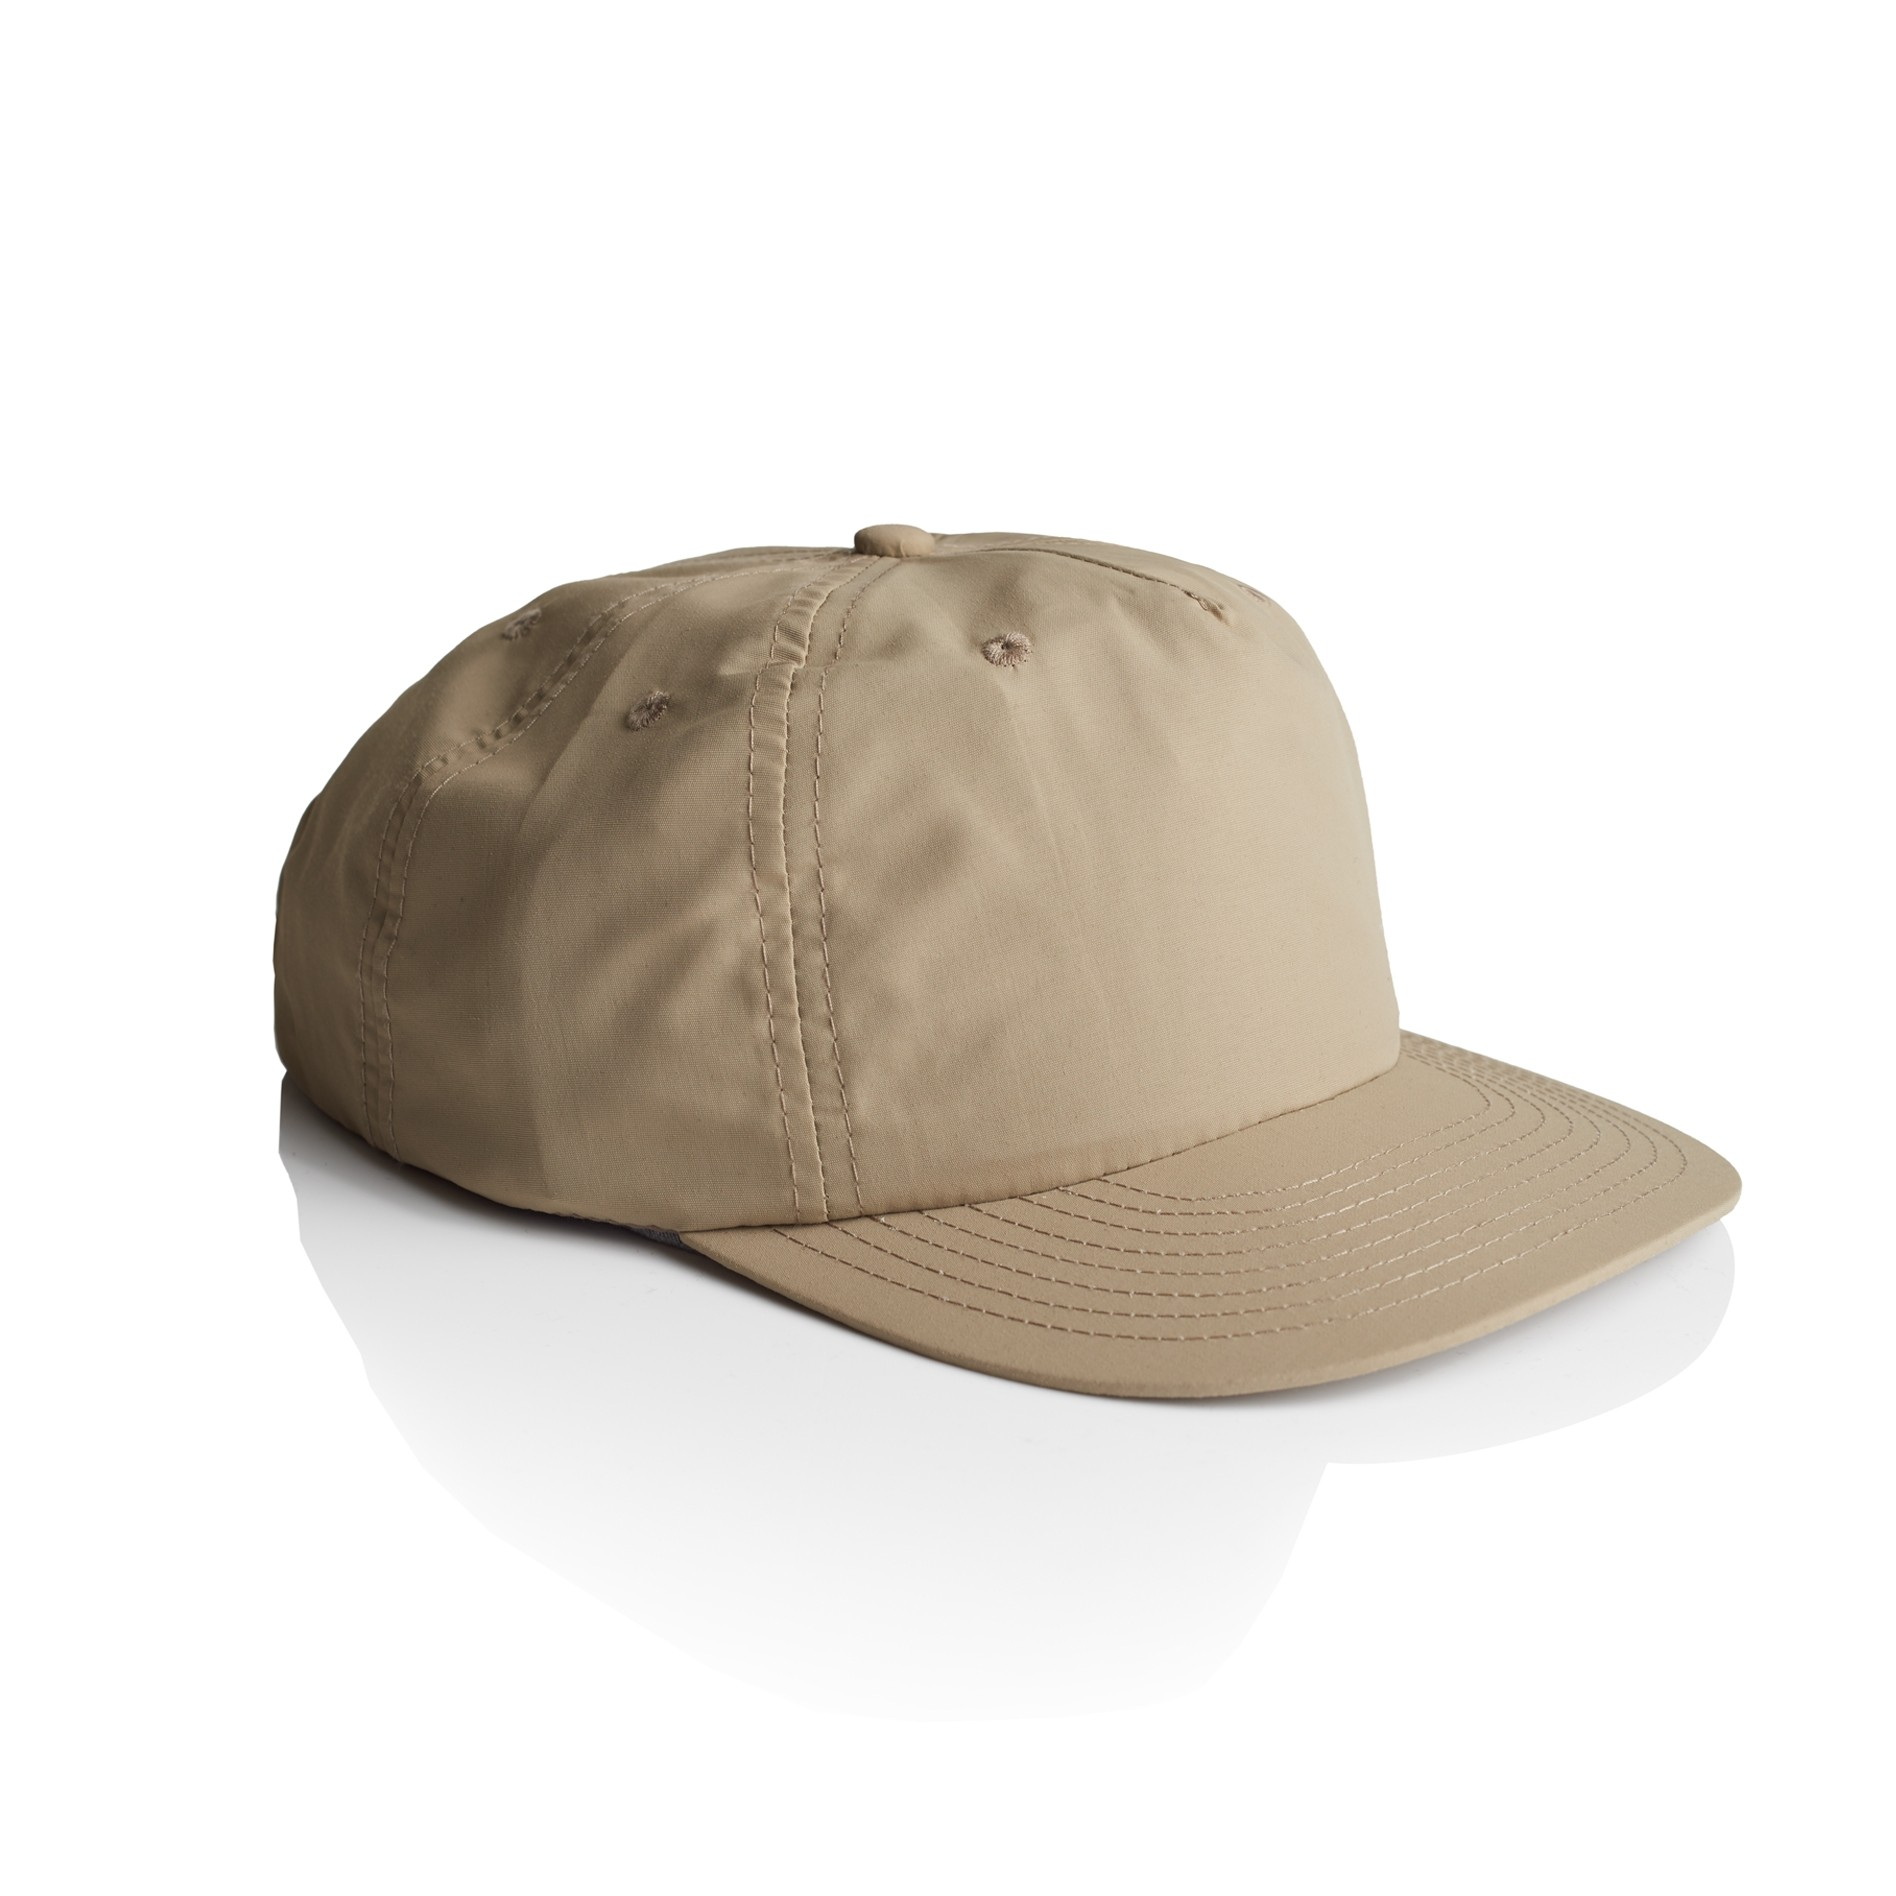 SURF CAP – 1114